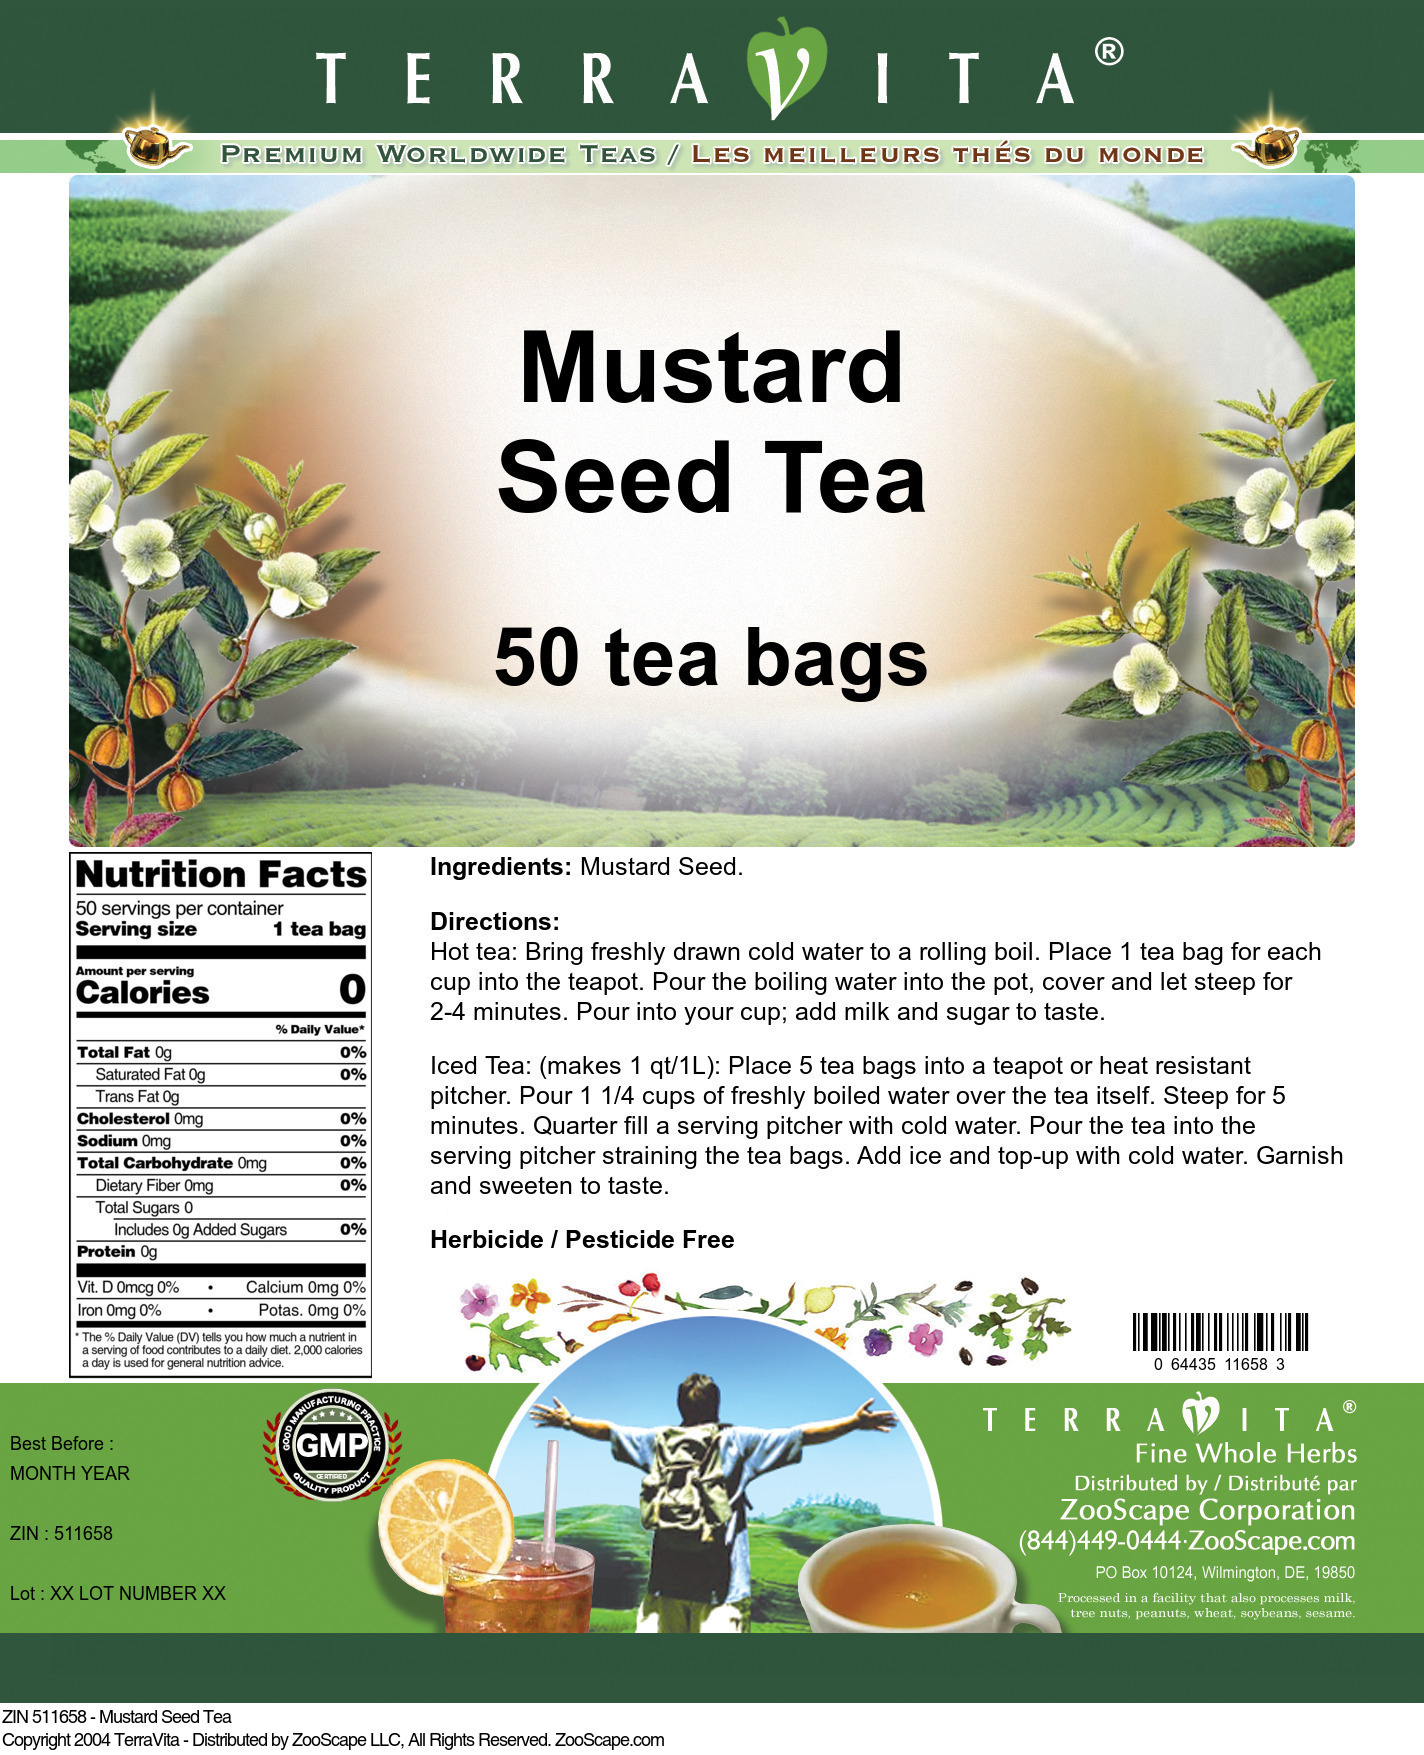 Mustard Seed Tea